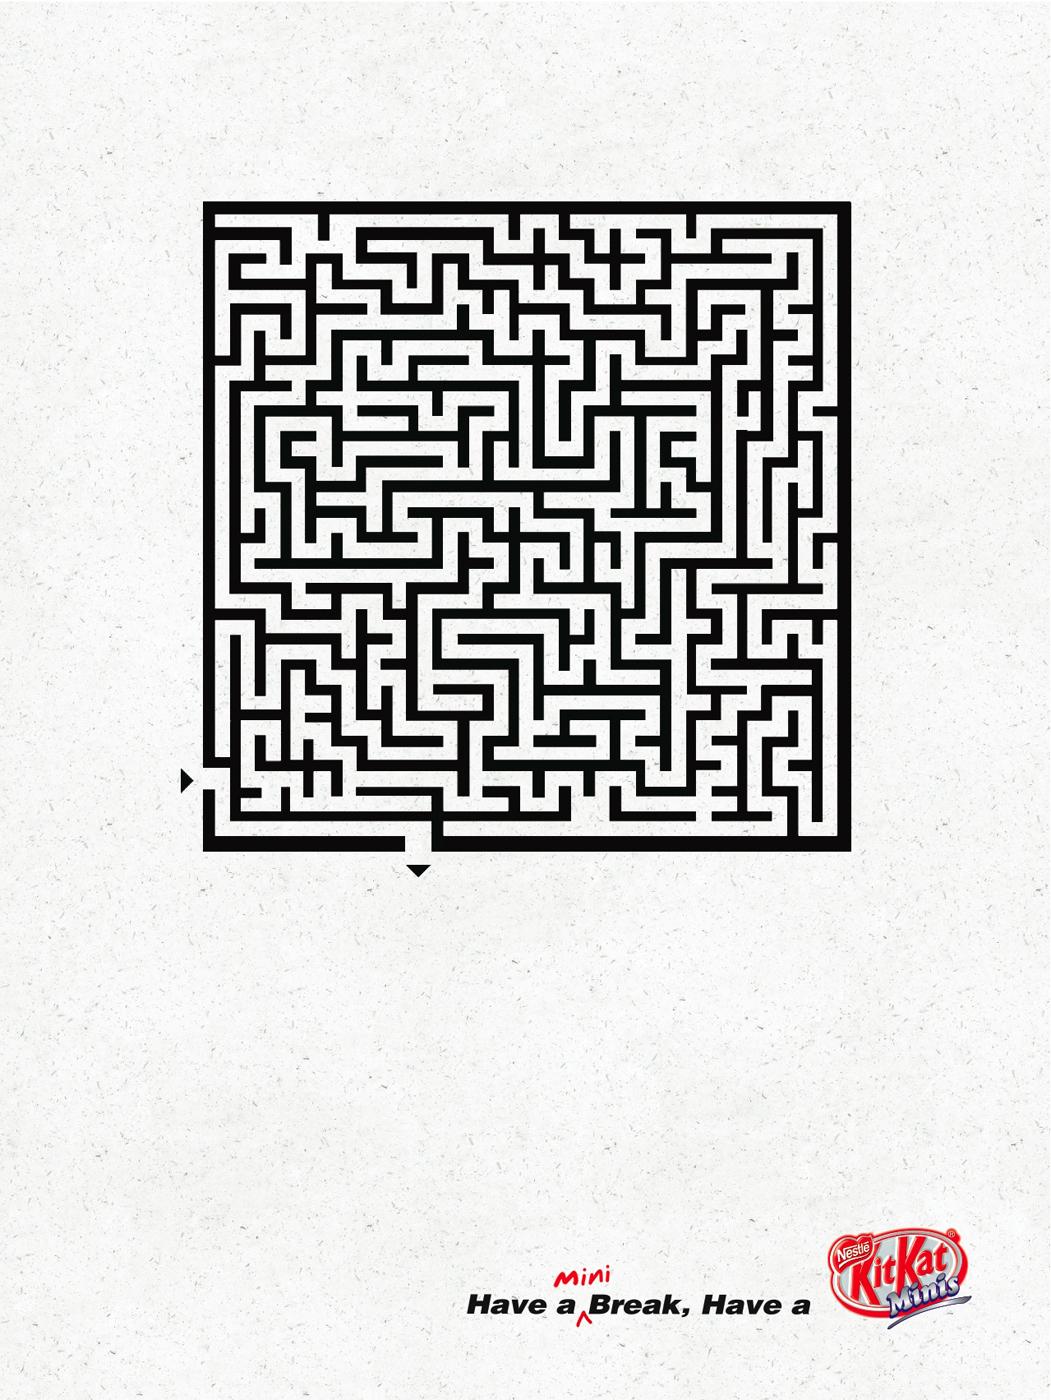 Kit Kat Print Advert By Jwt Maze